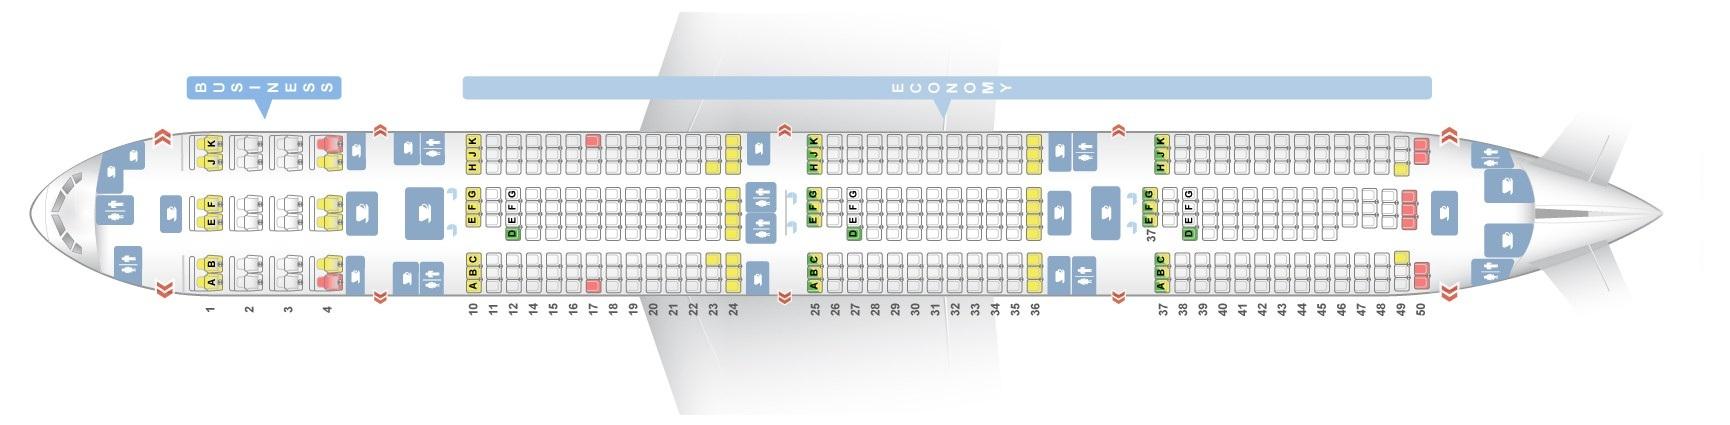 qatar_airways_boeing_777-300er_2